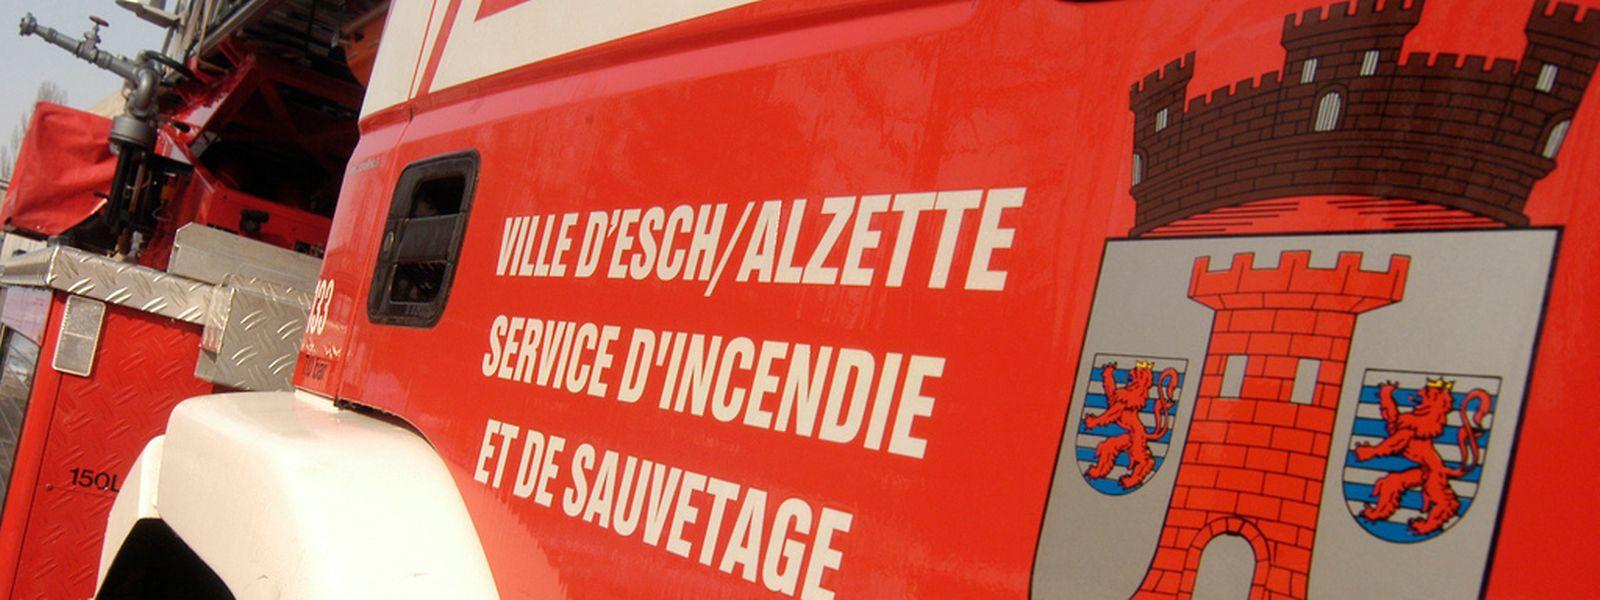 Die Feuerwehr Esch/Alzette musste um 1 Uhr nachts ausrücken.